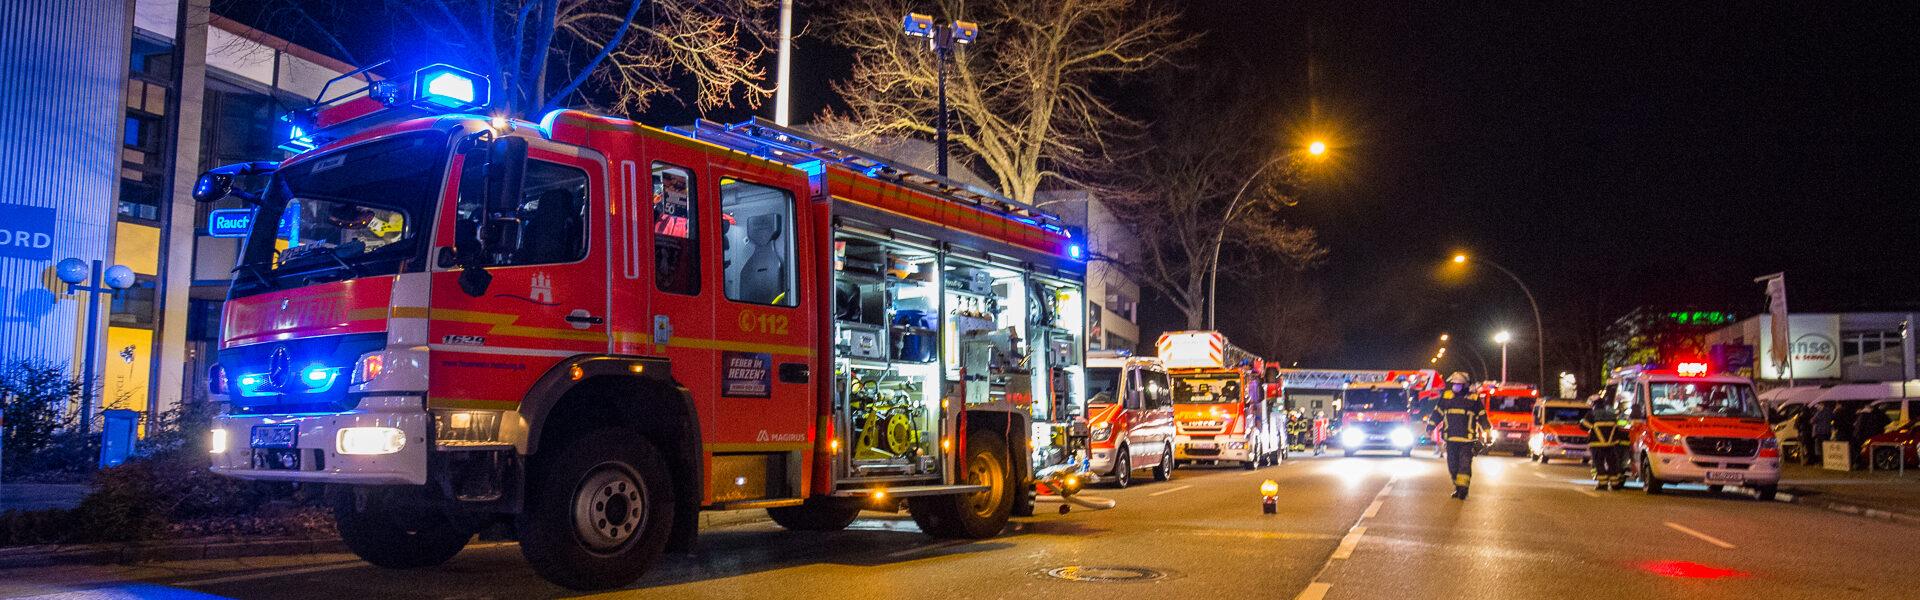 21.01.2021 – Feuer zerstört Betriebsfläche von Rohrreinigung